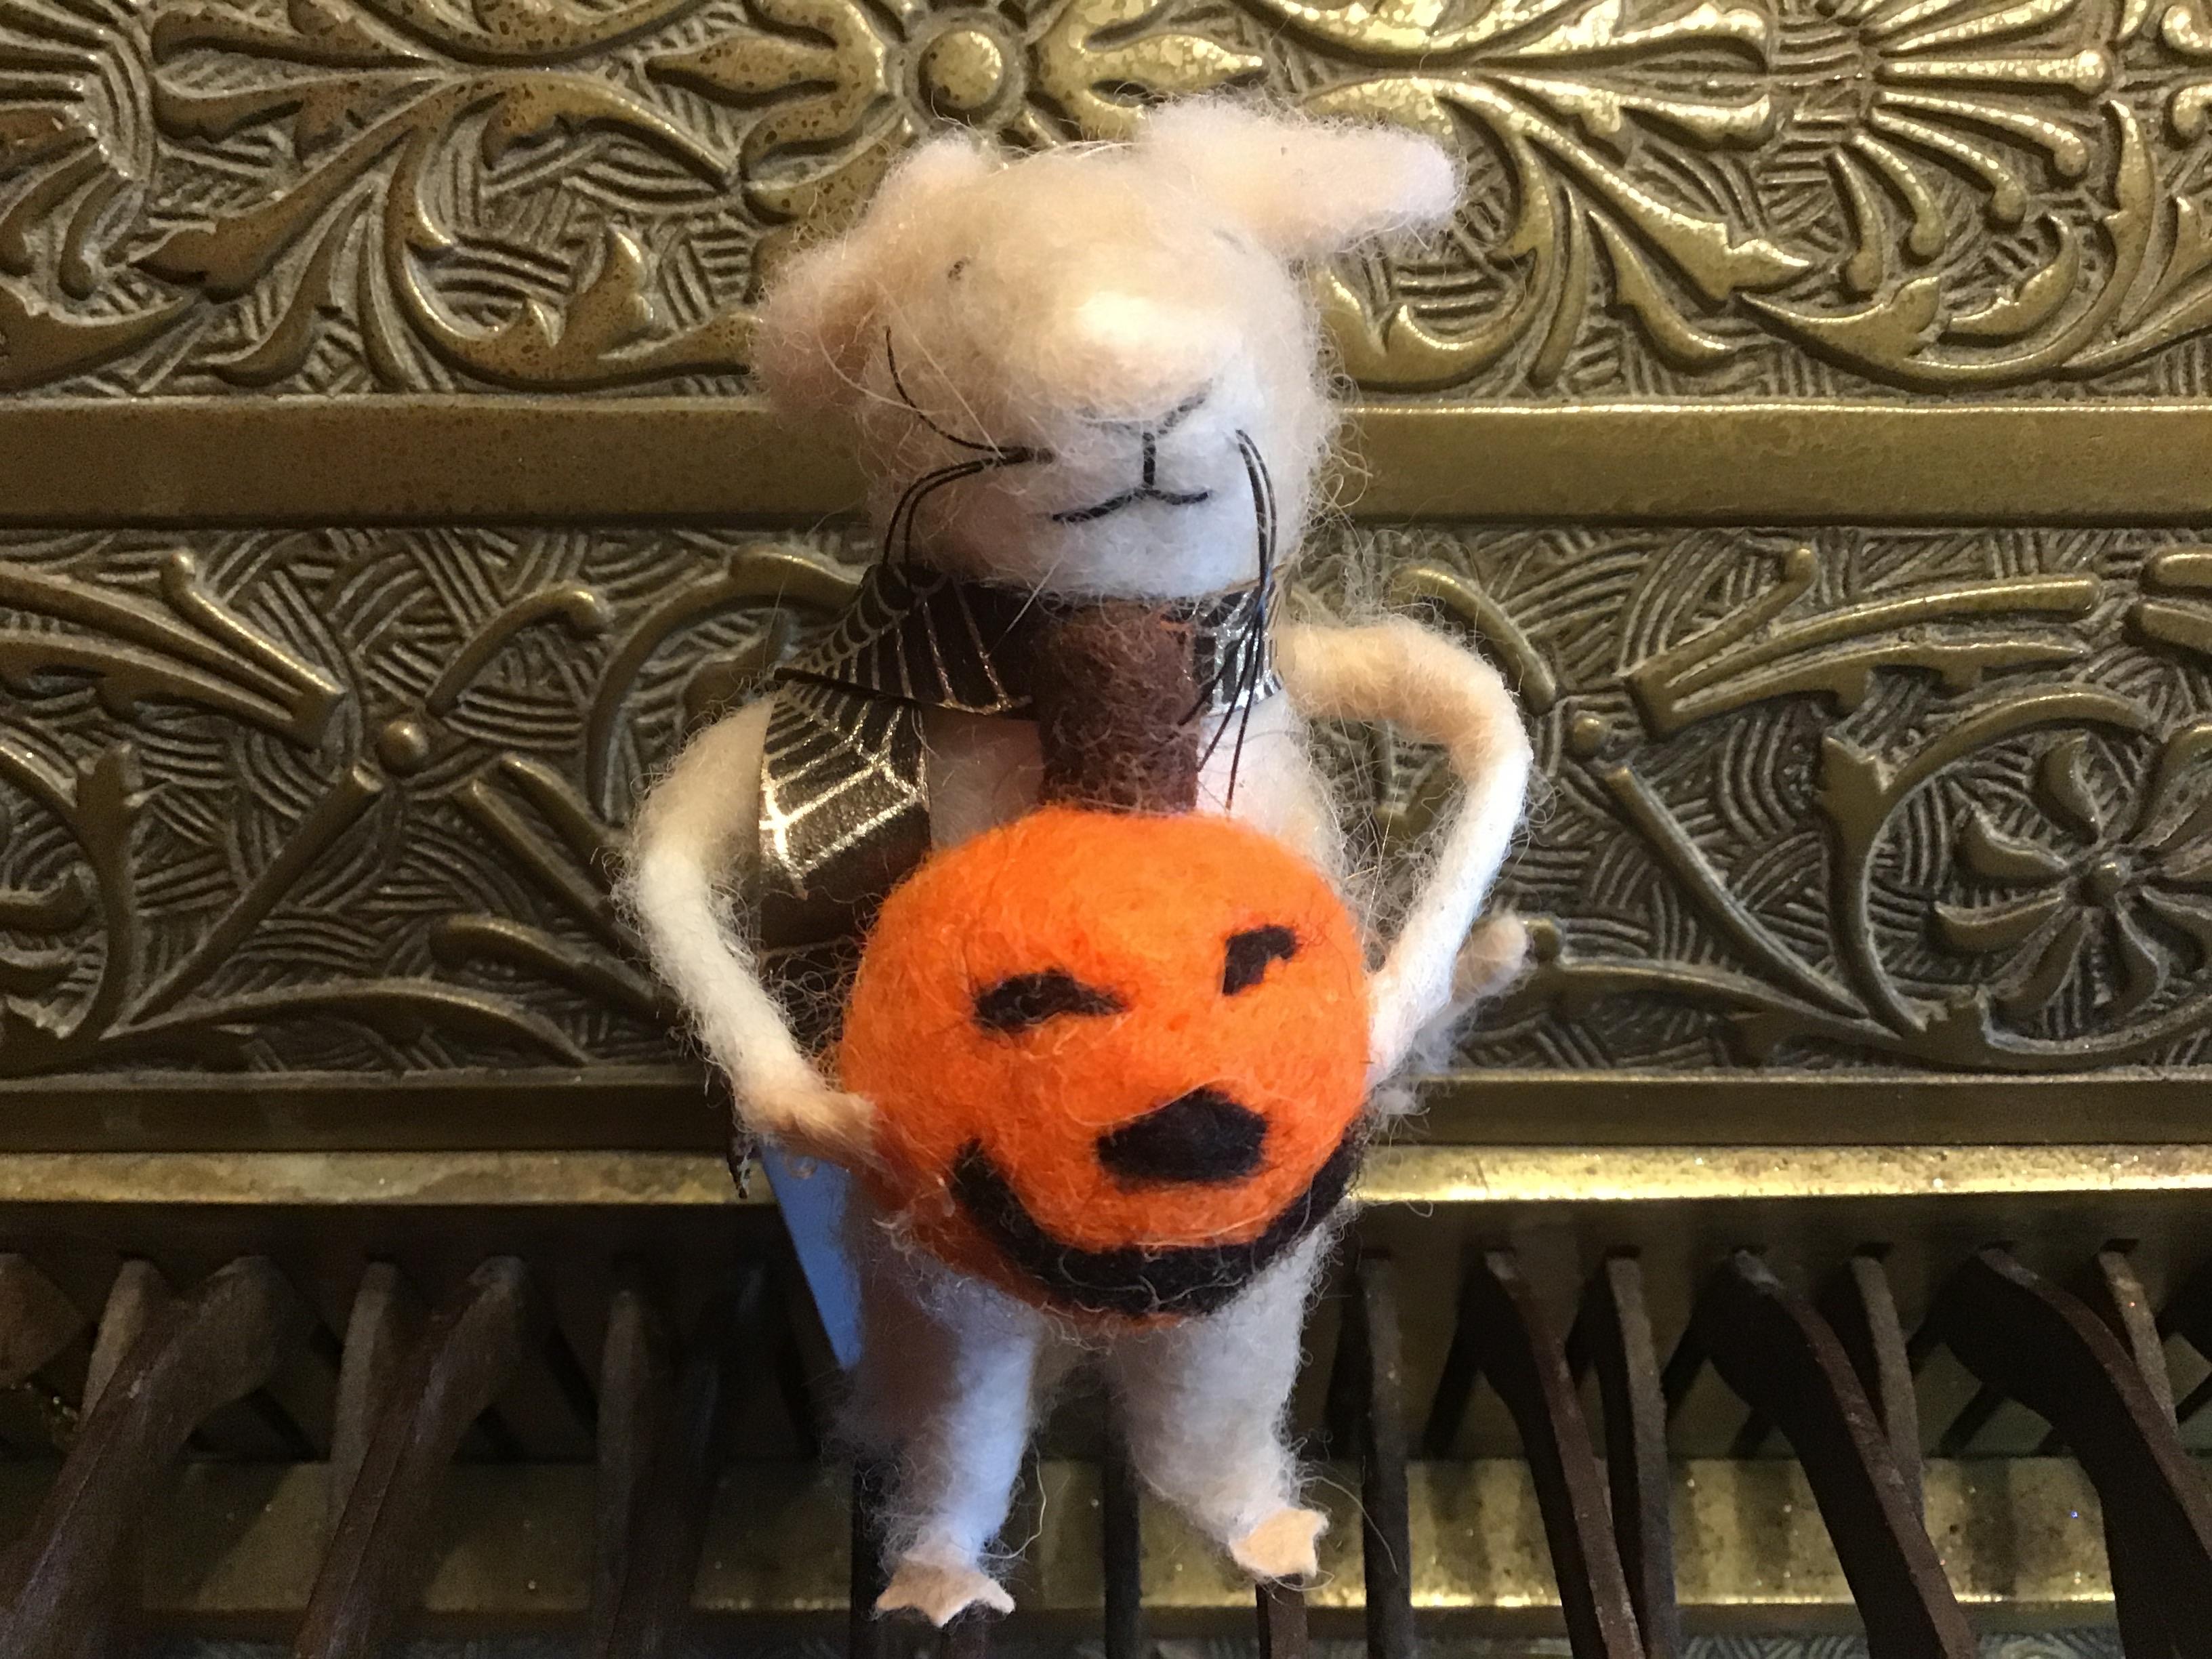 Halloween Mouse & Pumpkin